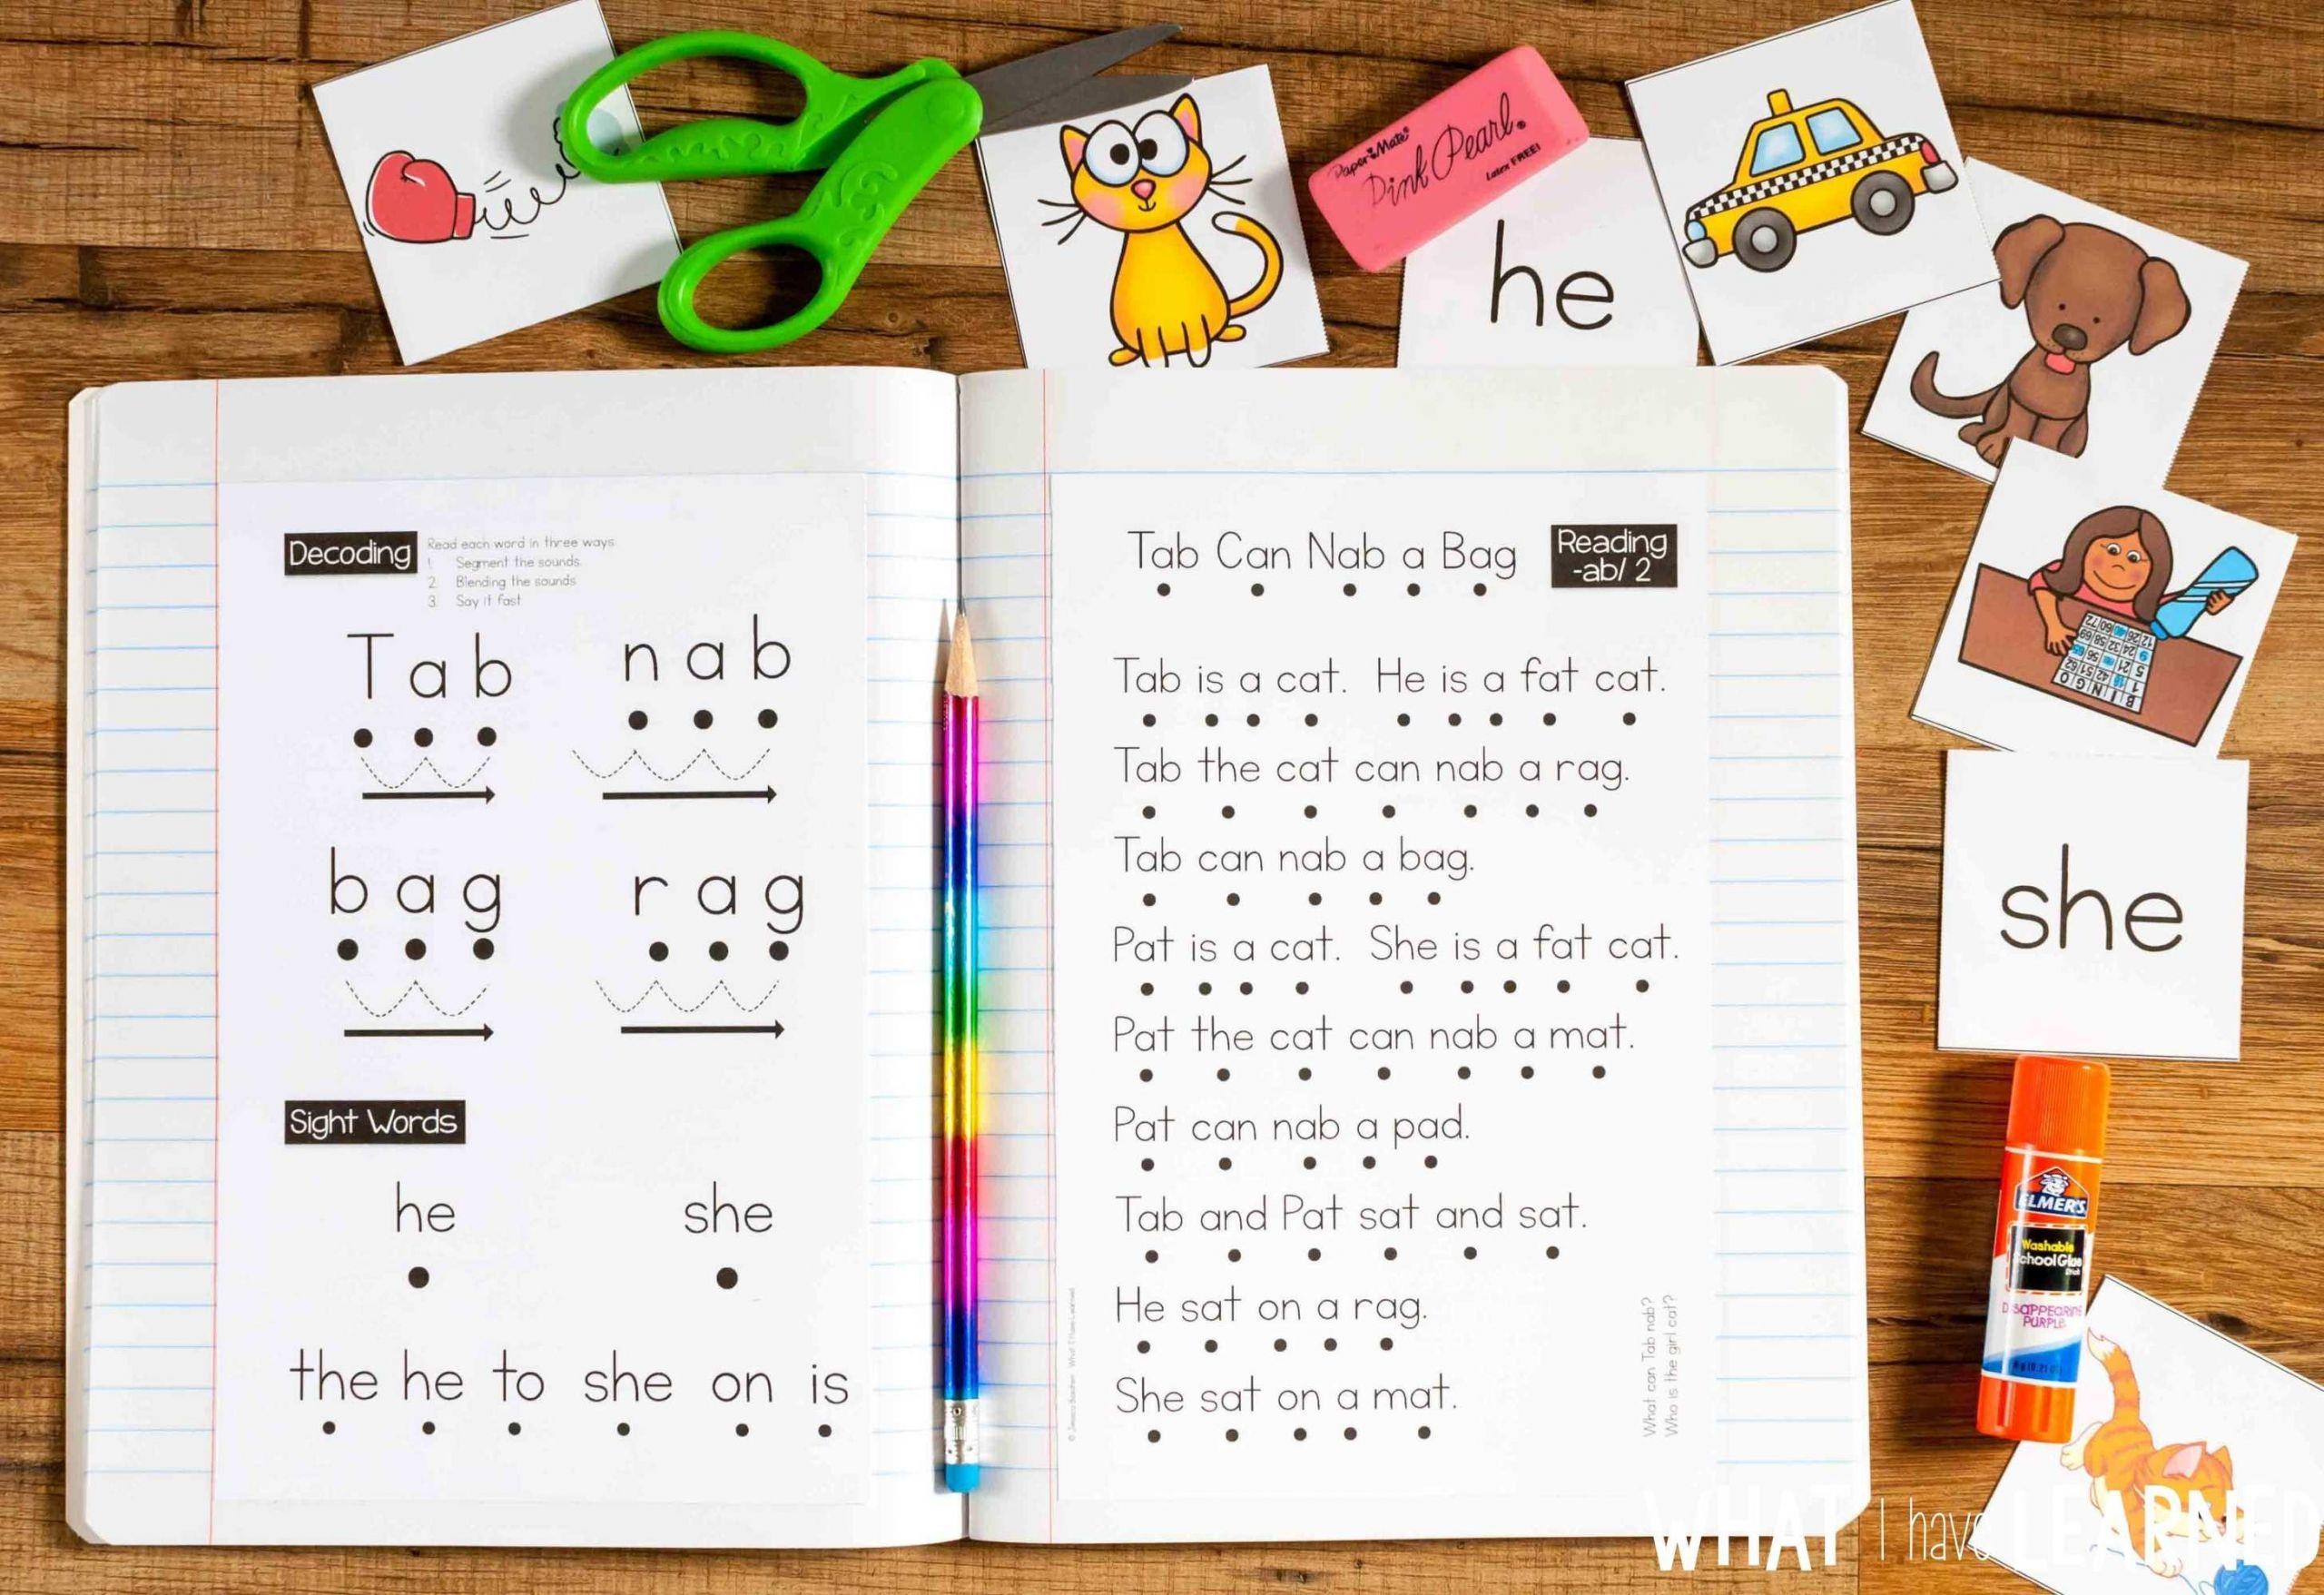 Free Printable 6th Grade Reading Comprehension Worksheets Pdf – Letter  Worksheets [ 1757 x 2560 Pixel ]